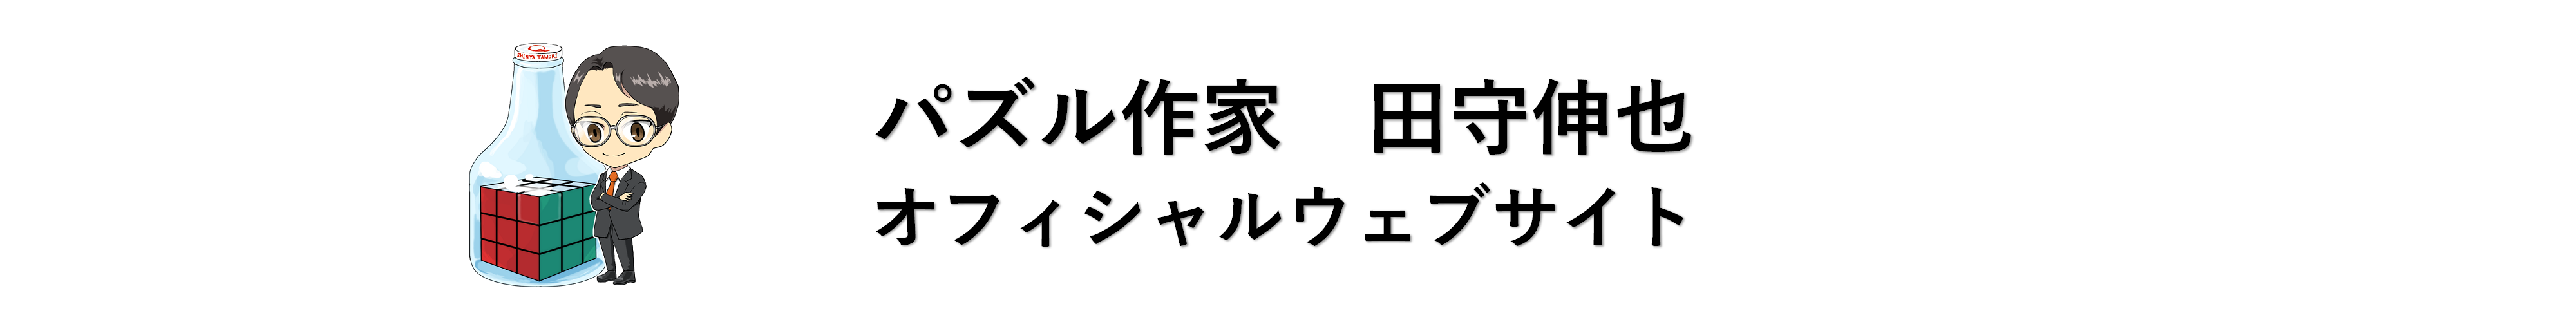 パズル作家 田守伸也オフィシャルウェブサイト